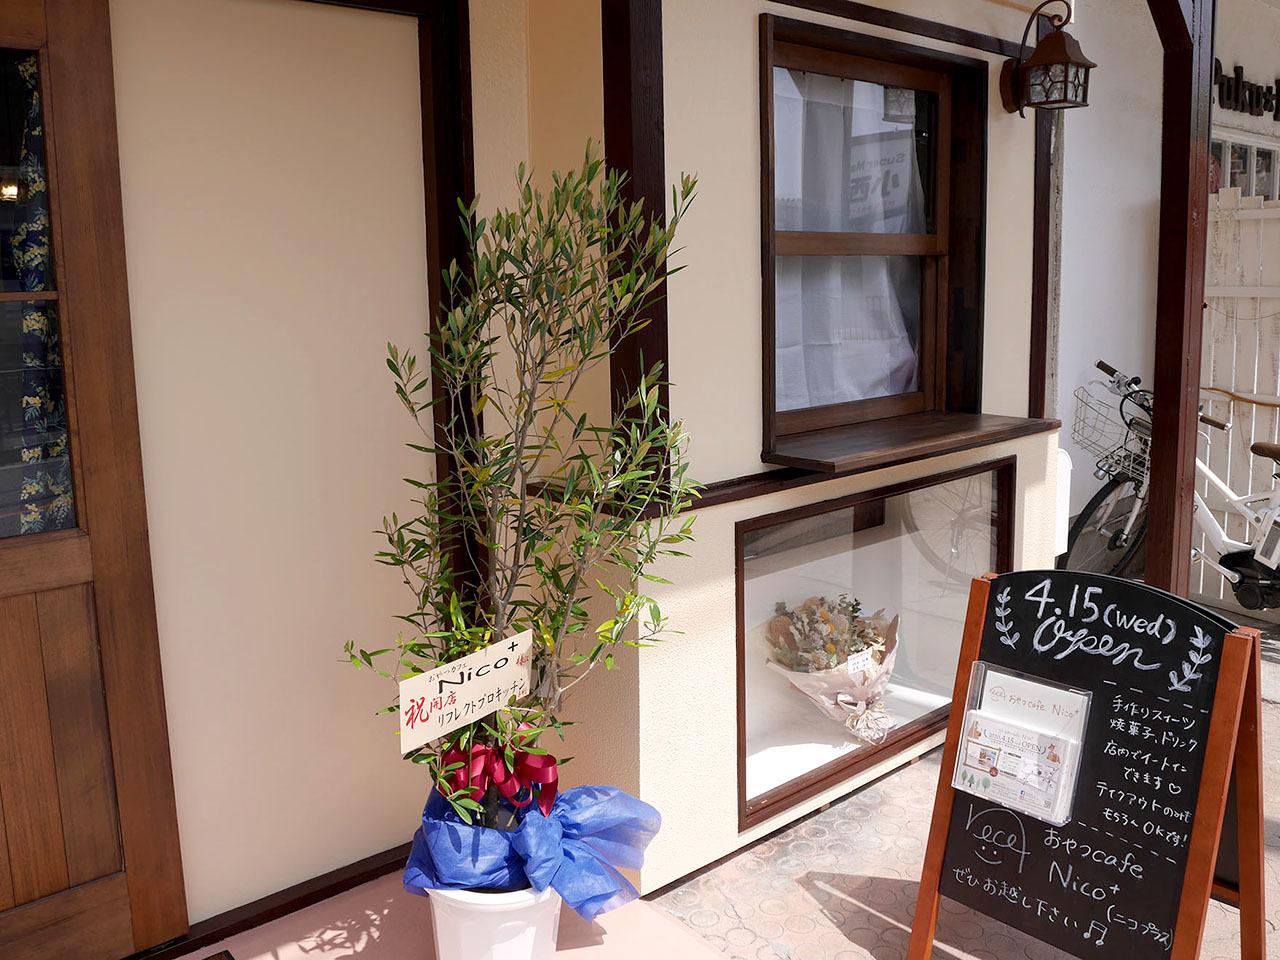 明石市荷山町|「おやつcafe Nico+」さん 2020年4月15日オープン!_a0129705_03054827.jpg